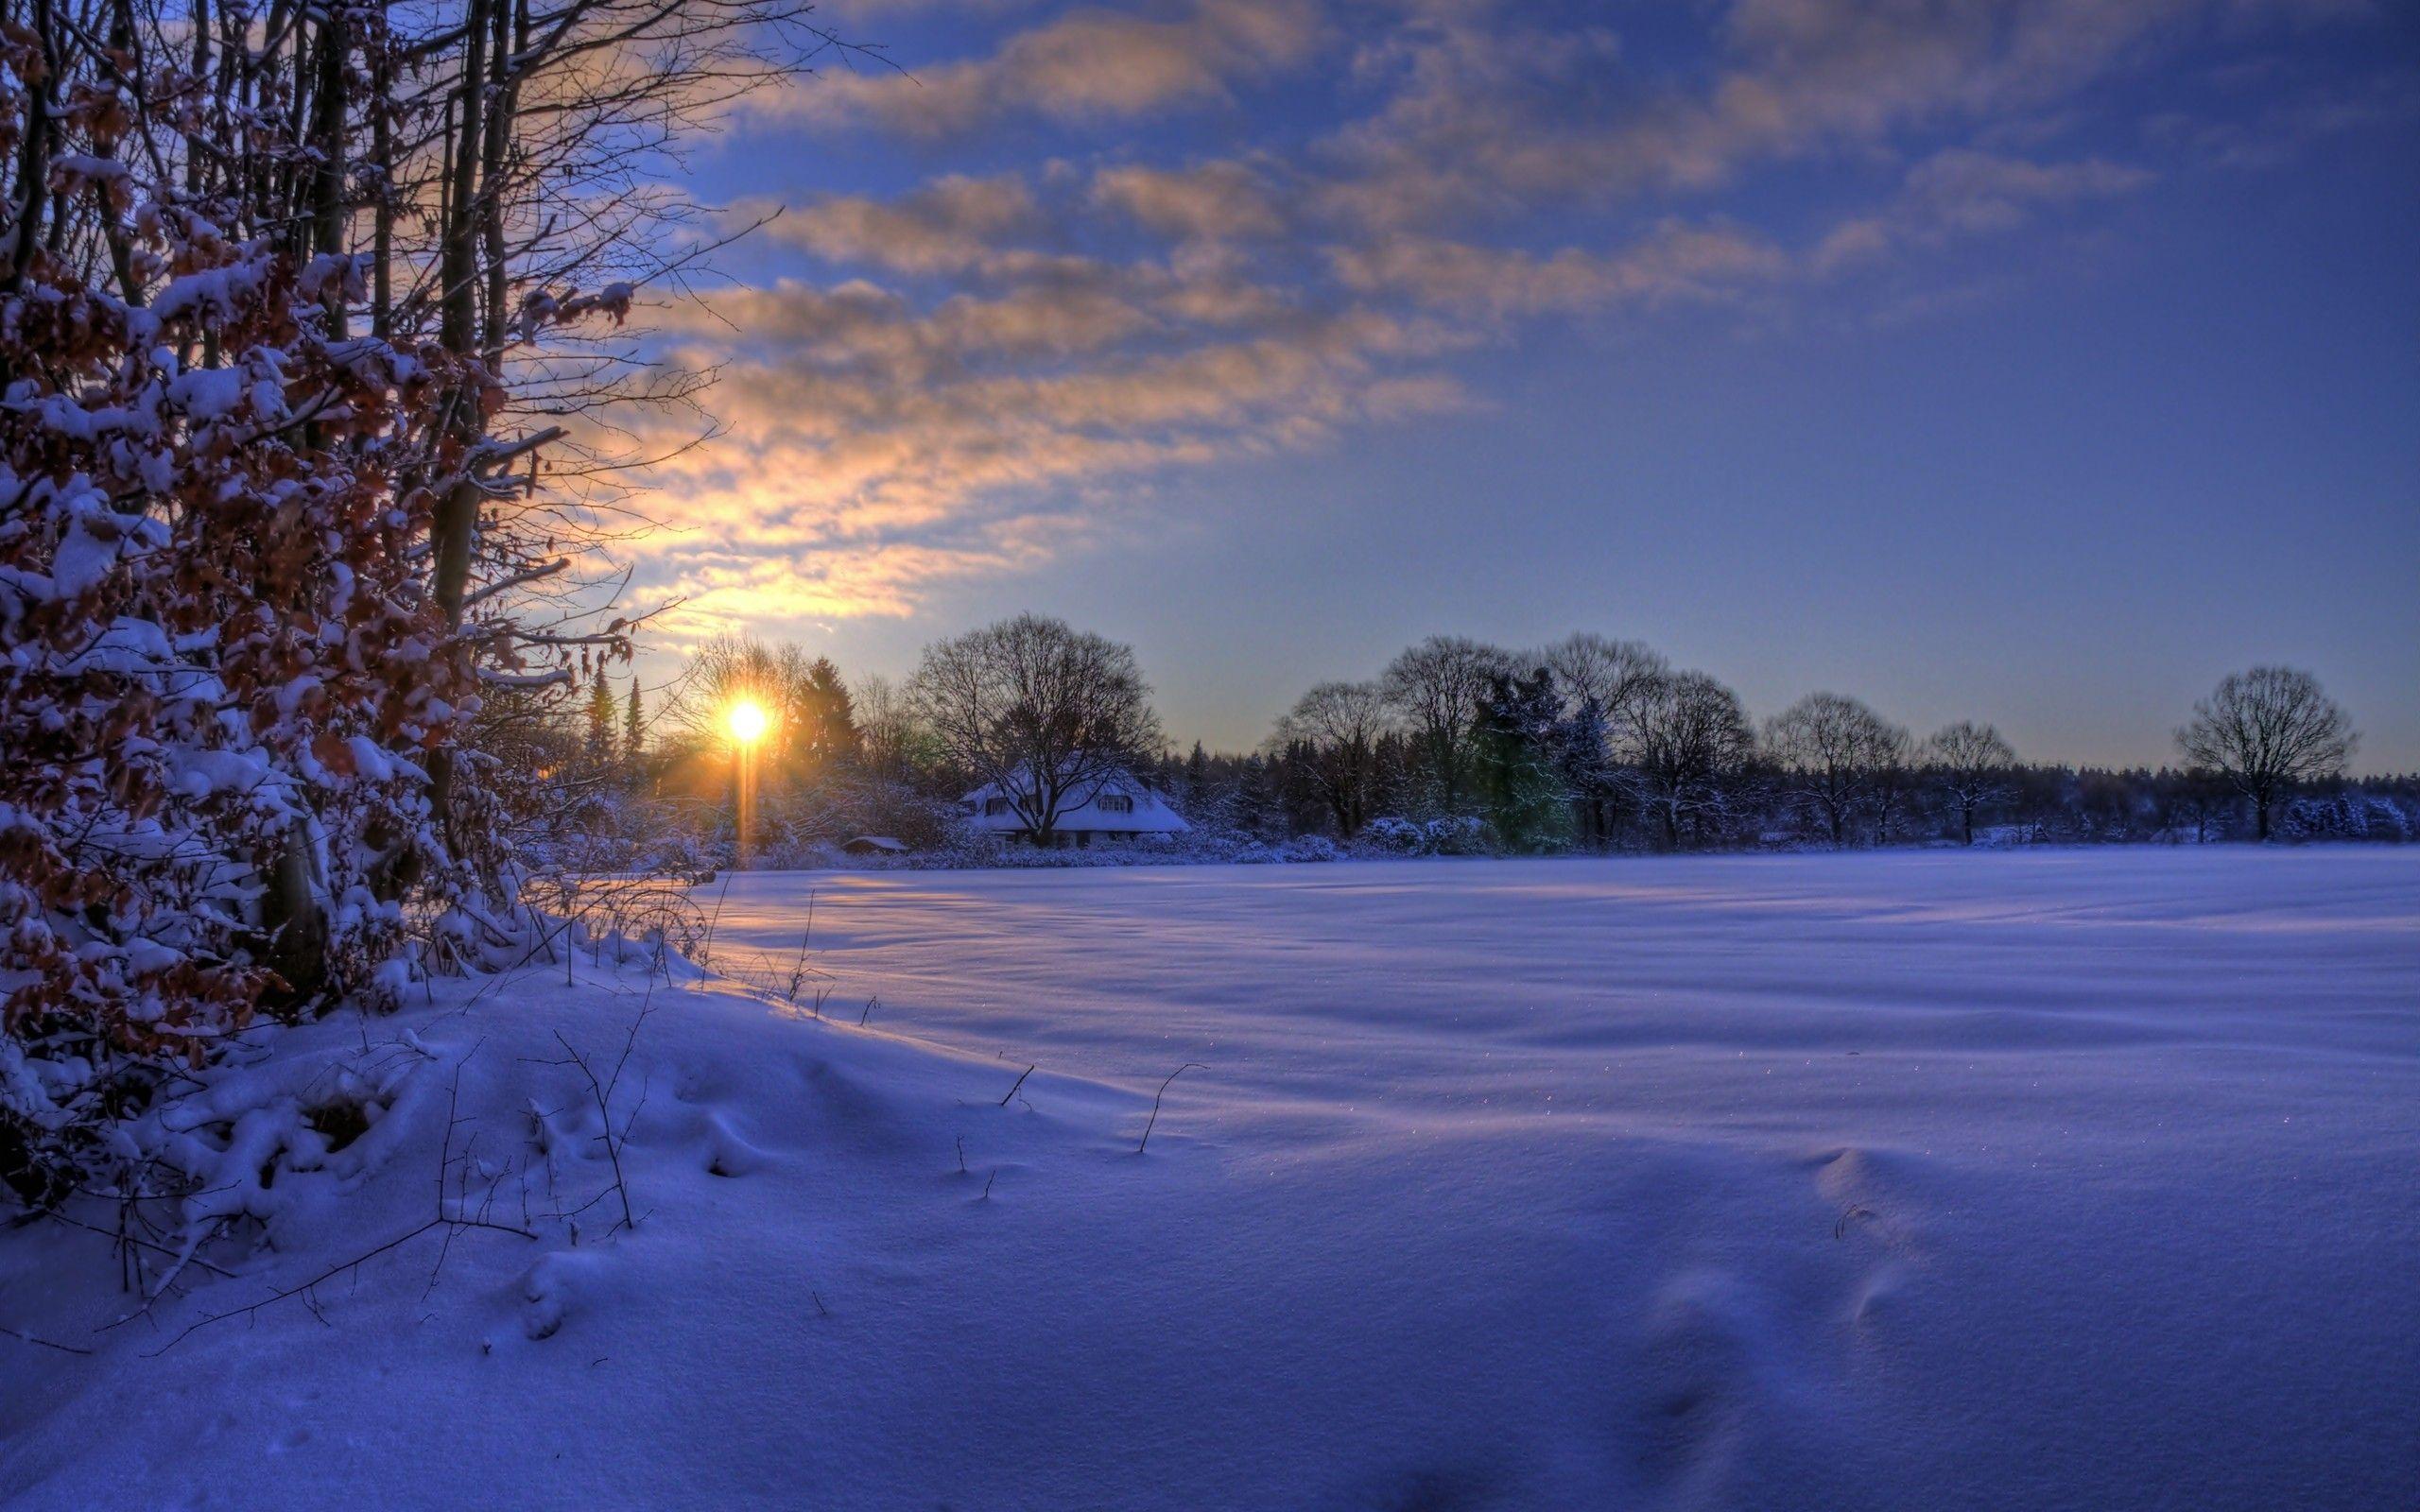 Paysages de neige en hiver nature hiver pinterest for Fond ecran gratuit pour ordinateur hiver